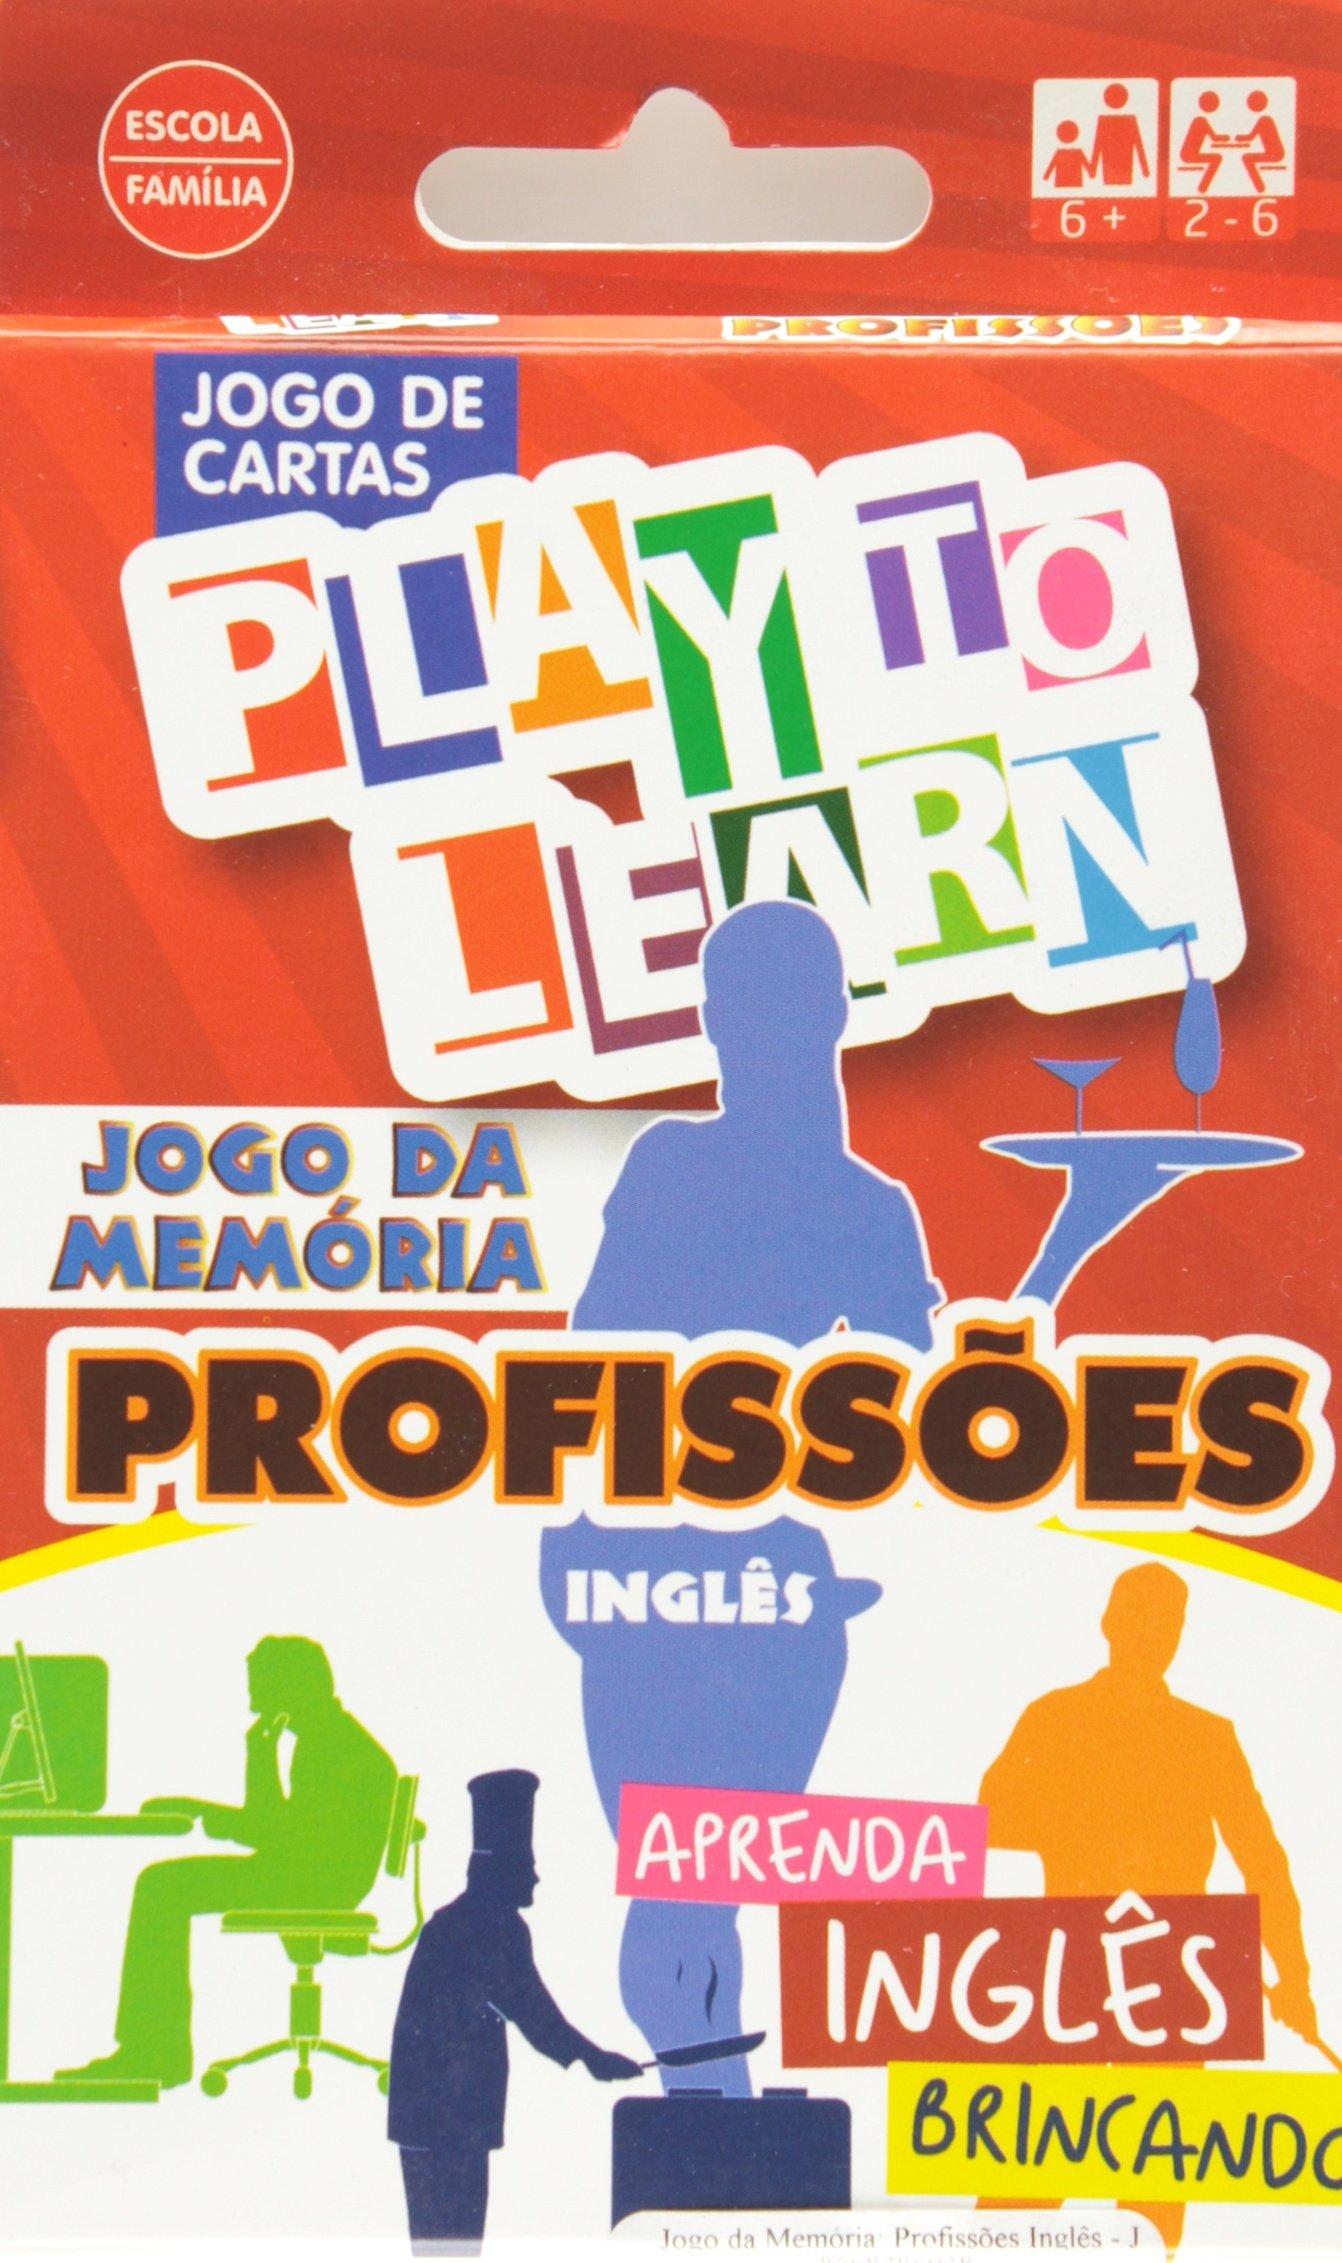 Jogo da Memoria: Profissoes Ingles - Jogo de Cartas ...